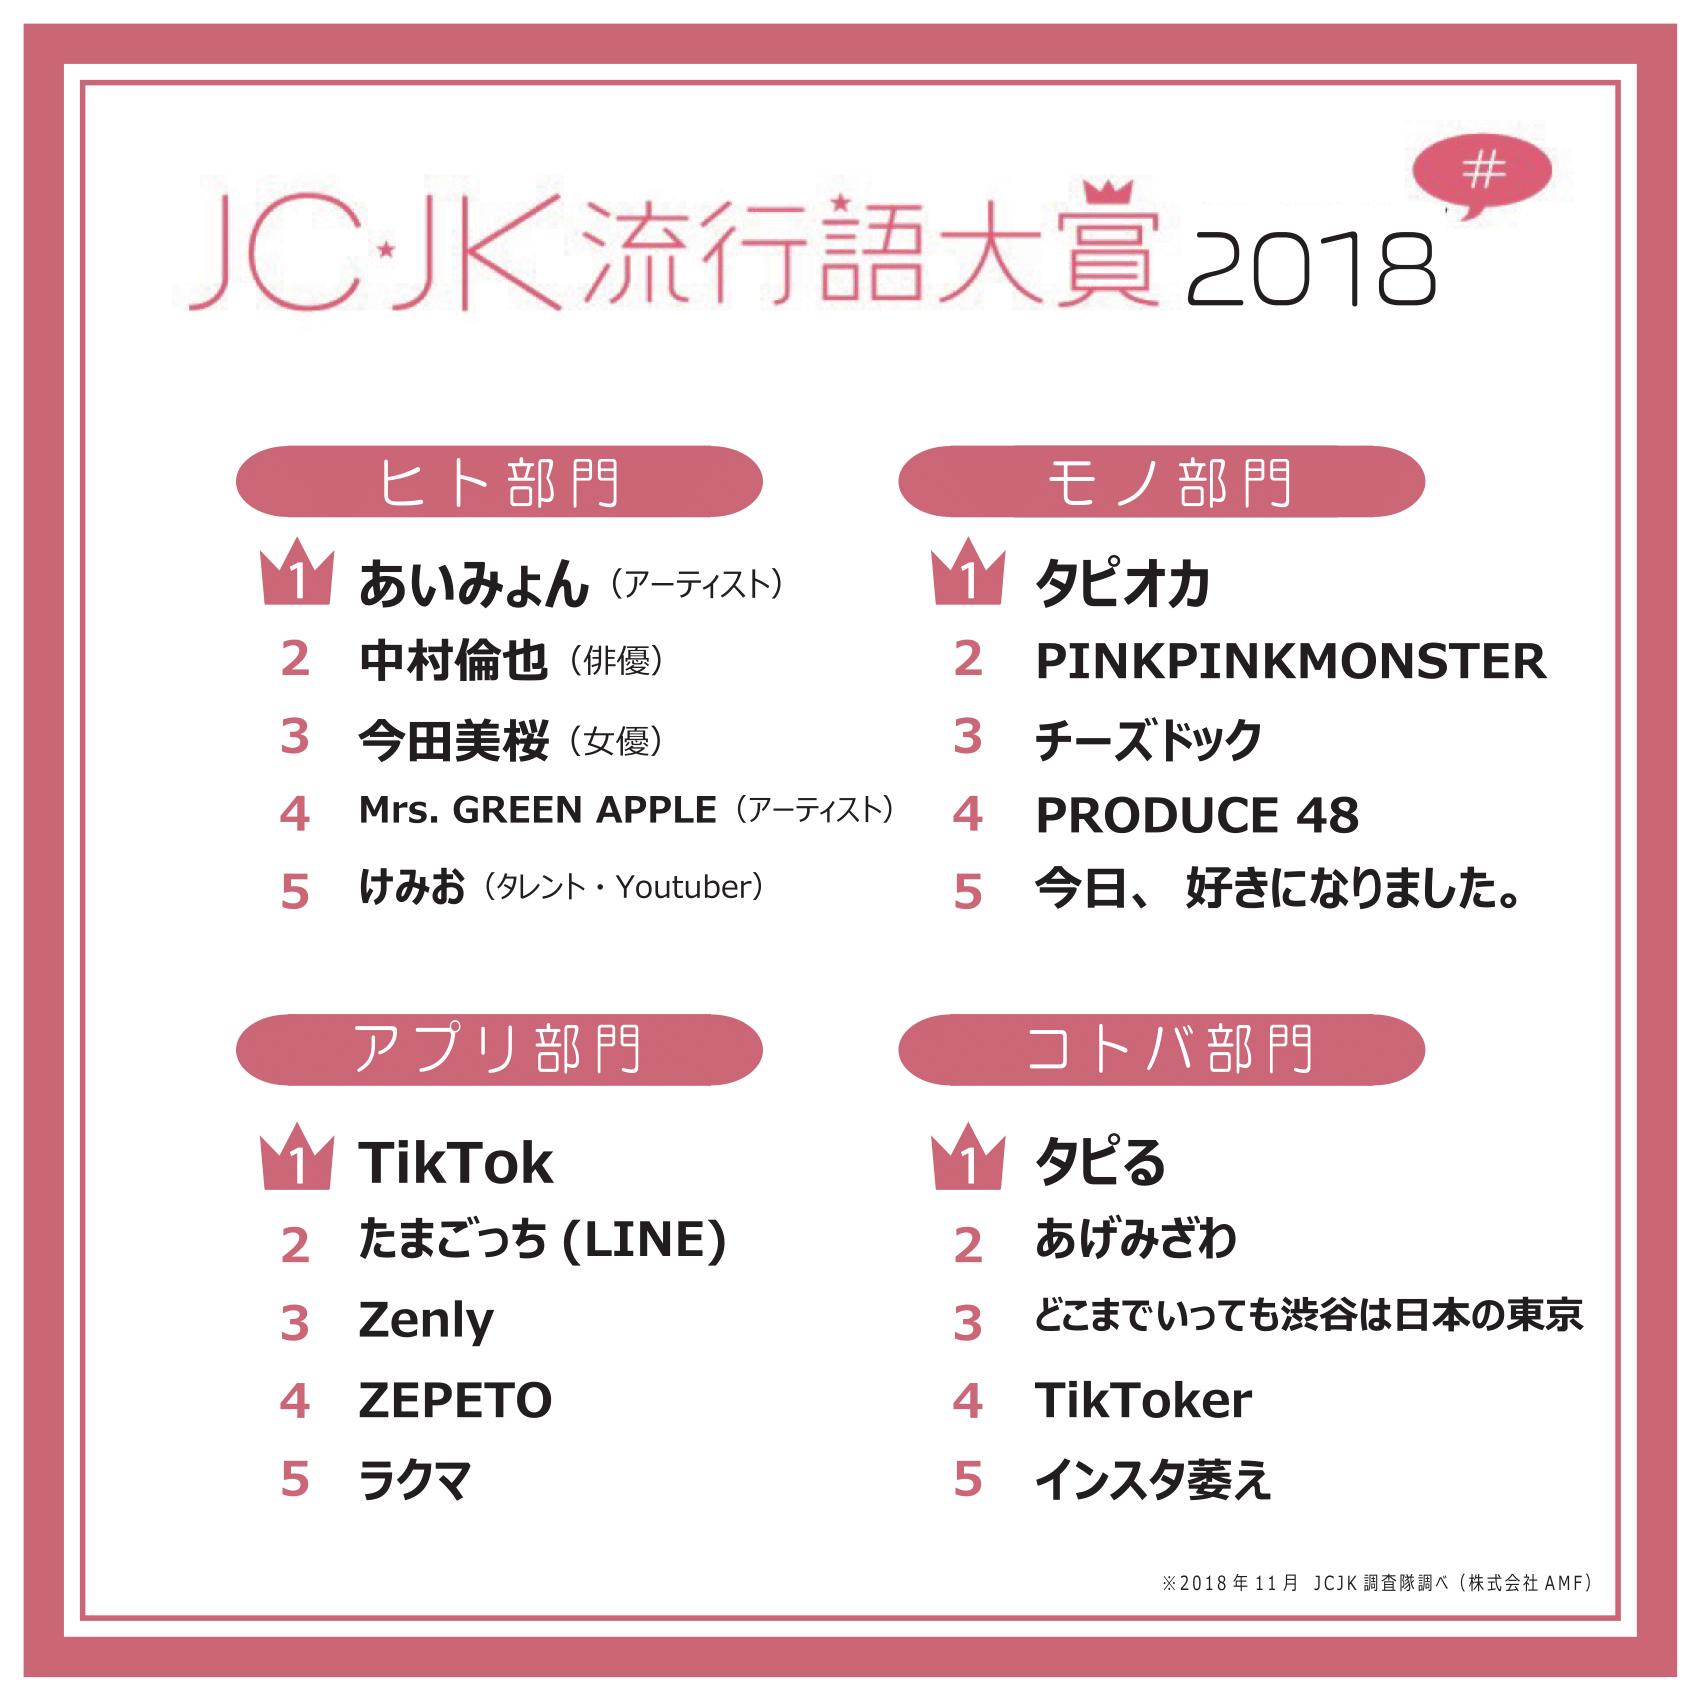 JC・JK流行語大賞2018&2019トレンド予測を発表「タピる」「TikToker ...